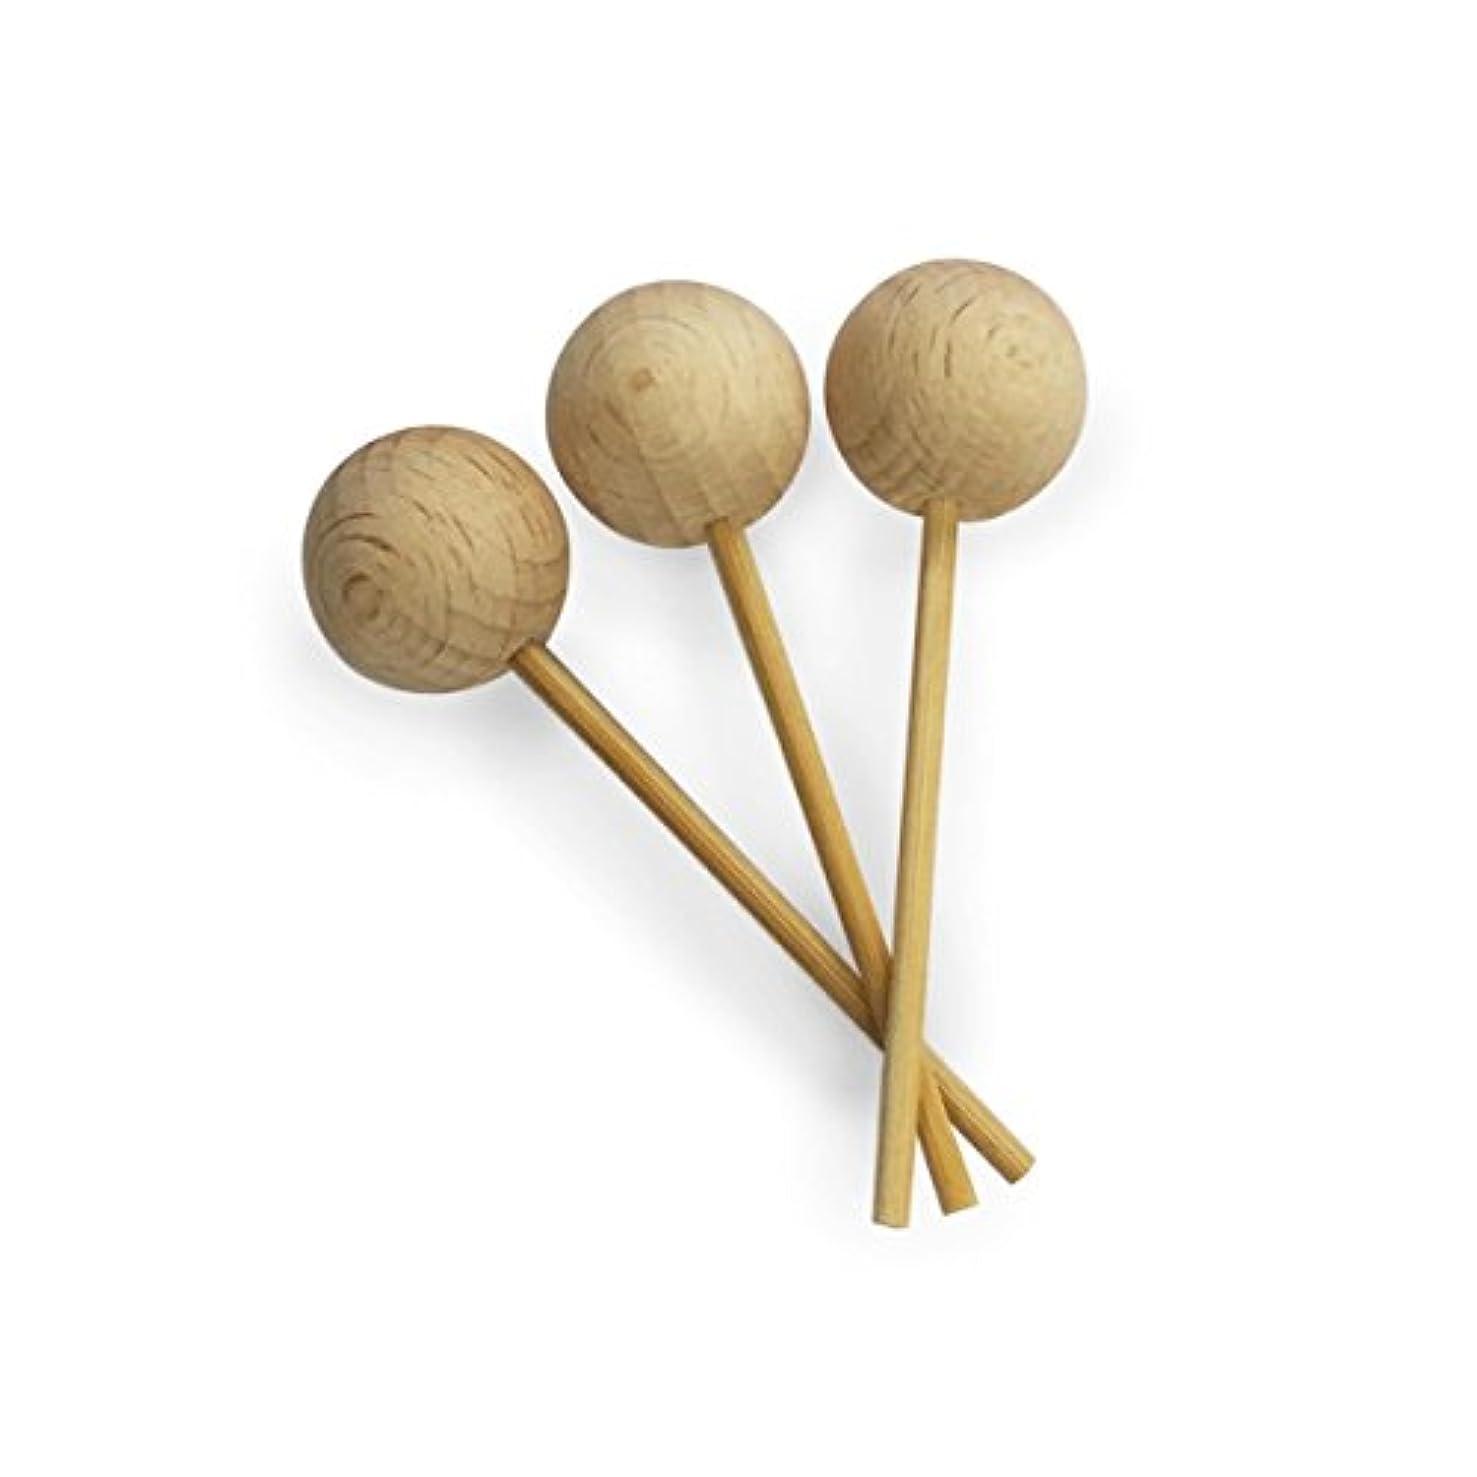 さらに気質拷問カリス成城 アロマ芳香器 木のお家 交換用木製スティック3本入